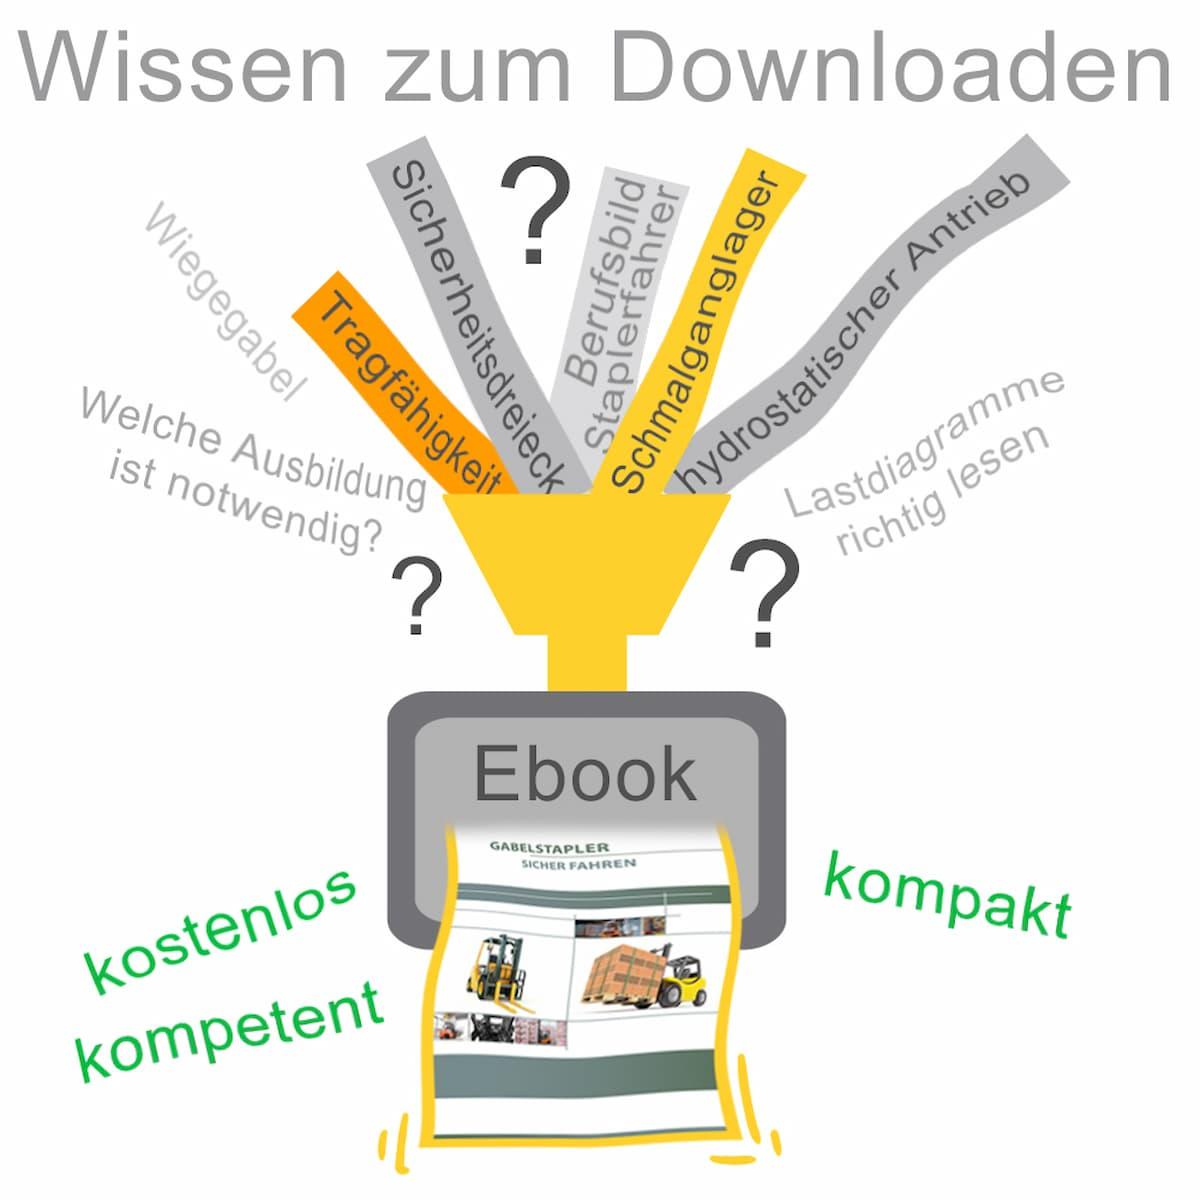 Ebook Stapler sicher fahren: Wissen zum Downloaden